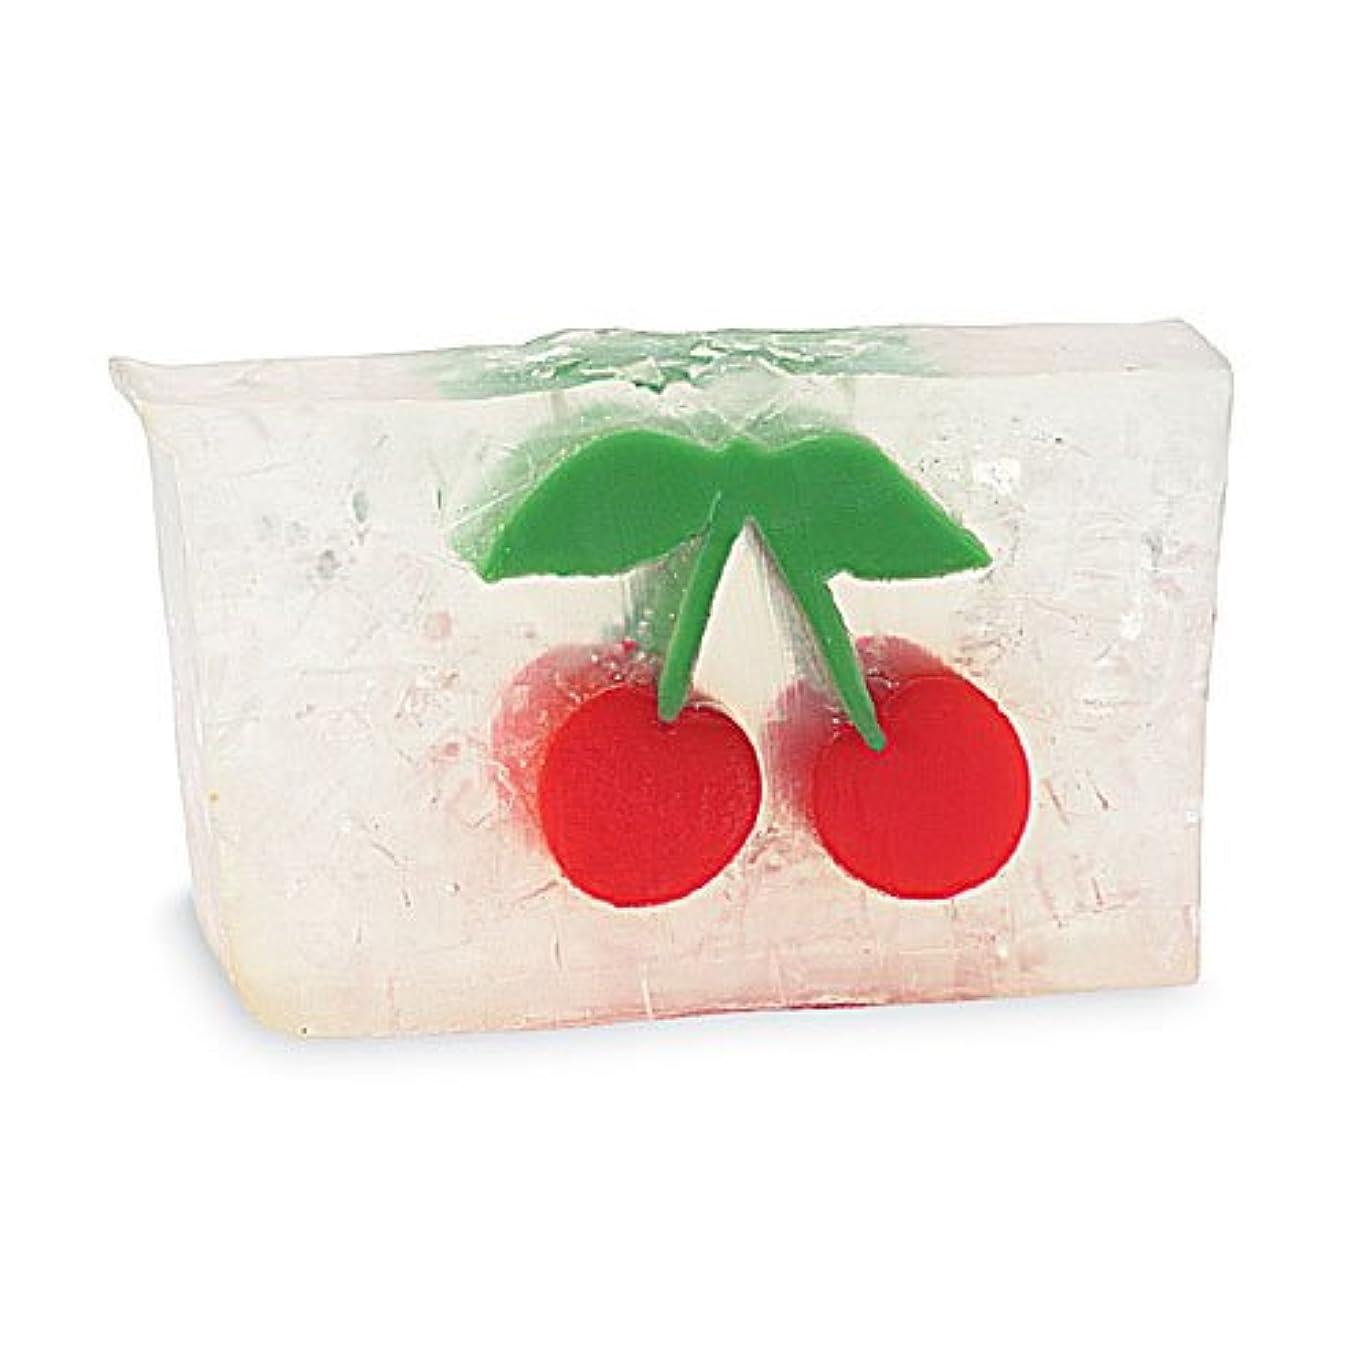 展示会耐久コーデリアプライモールエレメンツ アロマティック ソープ チェリー 180g 植物性 ナチュラル 石鹸 無添加